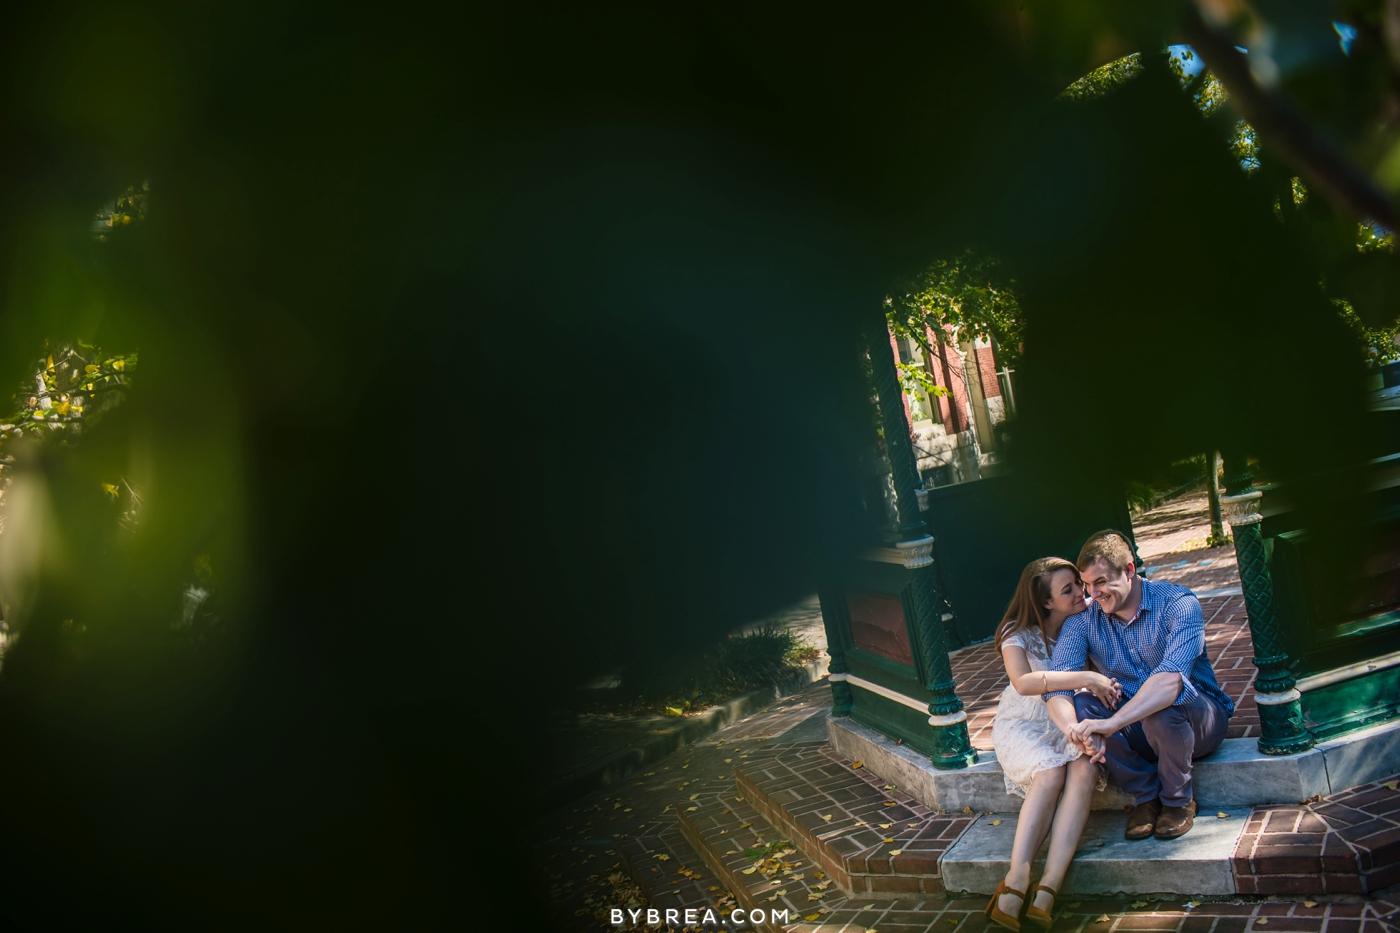 Baltimore engagement photo couple sitting on gazebo steps